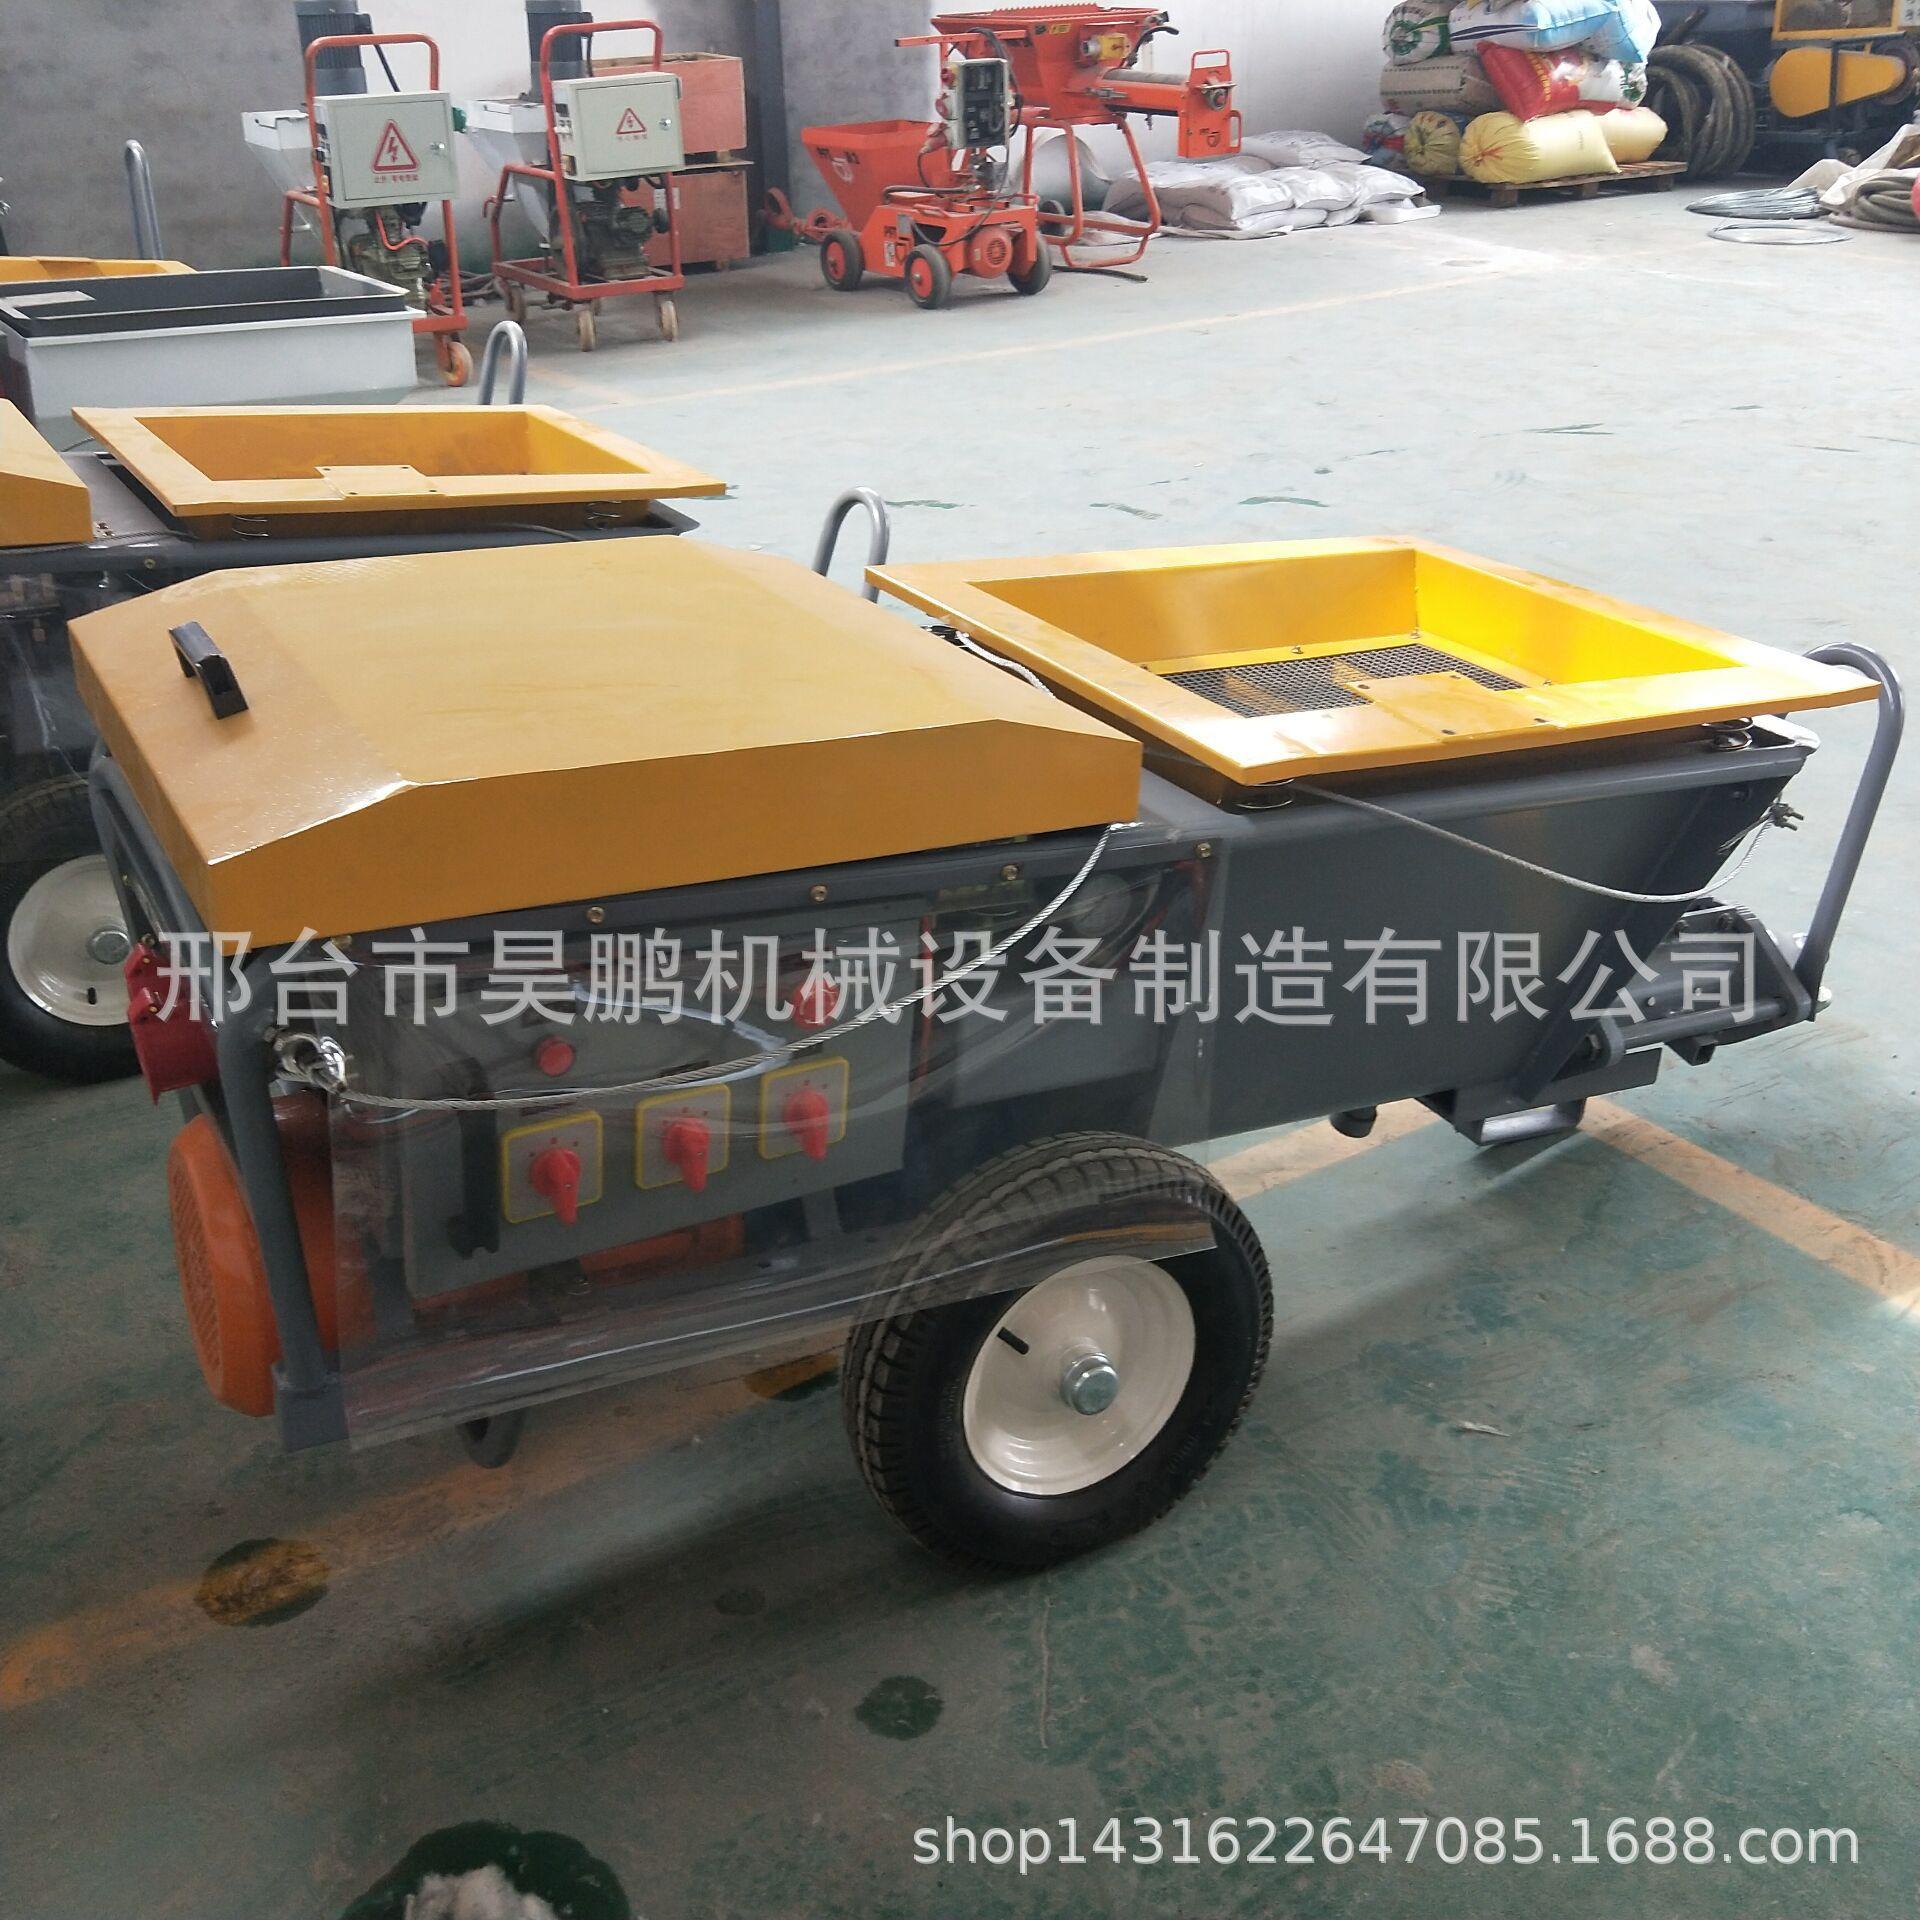 粉刷墙面喷涂机保温砂浆抹灰机高低双速水泥砂浆喷浆机快速喷涂机